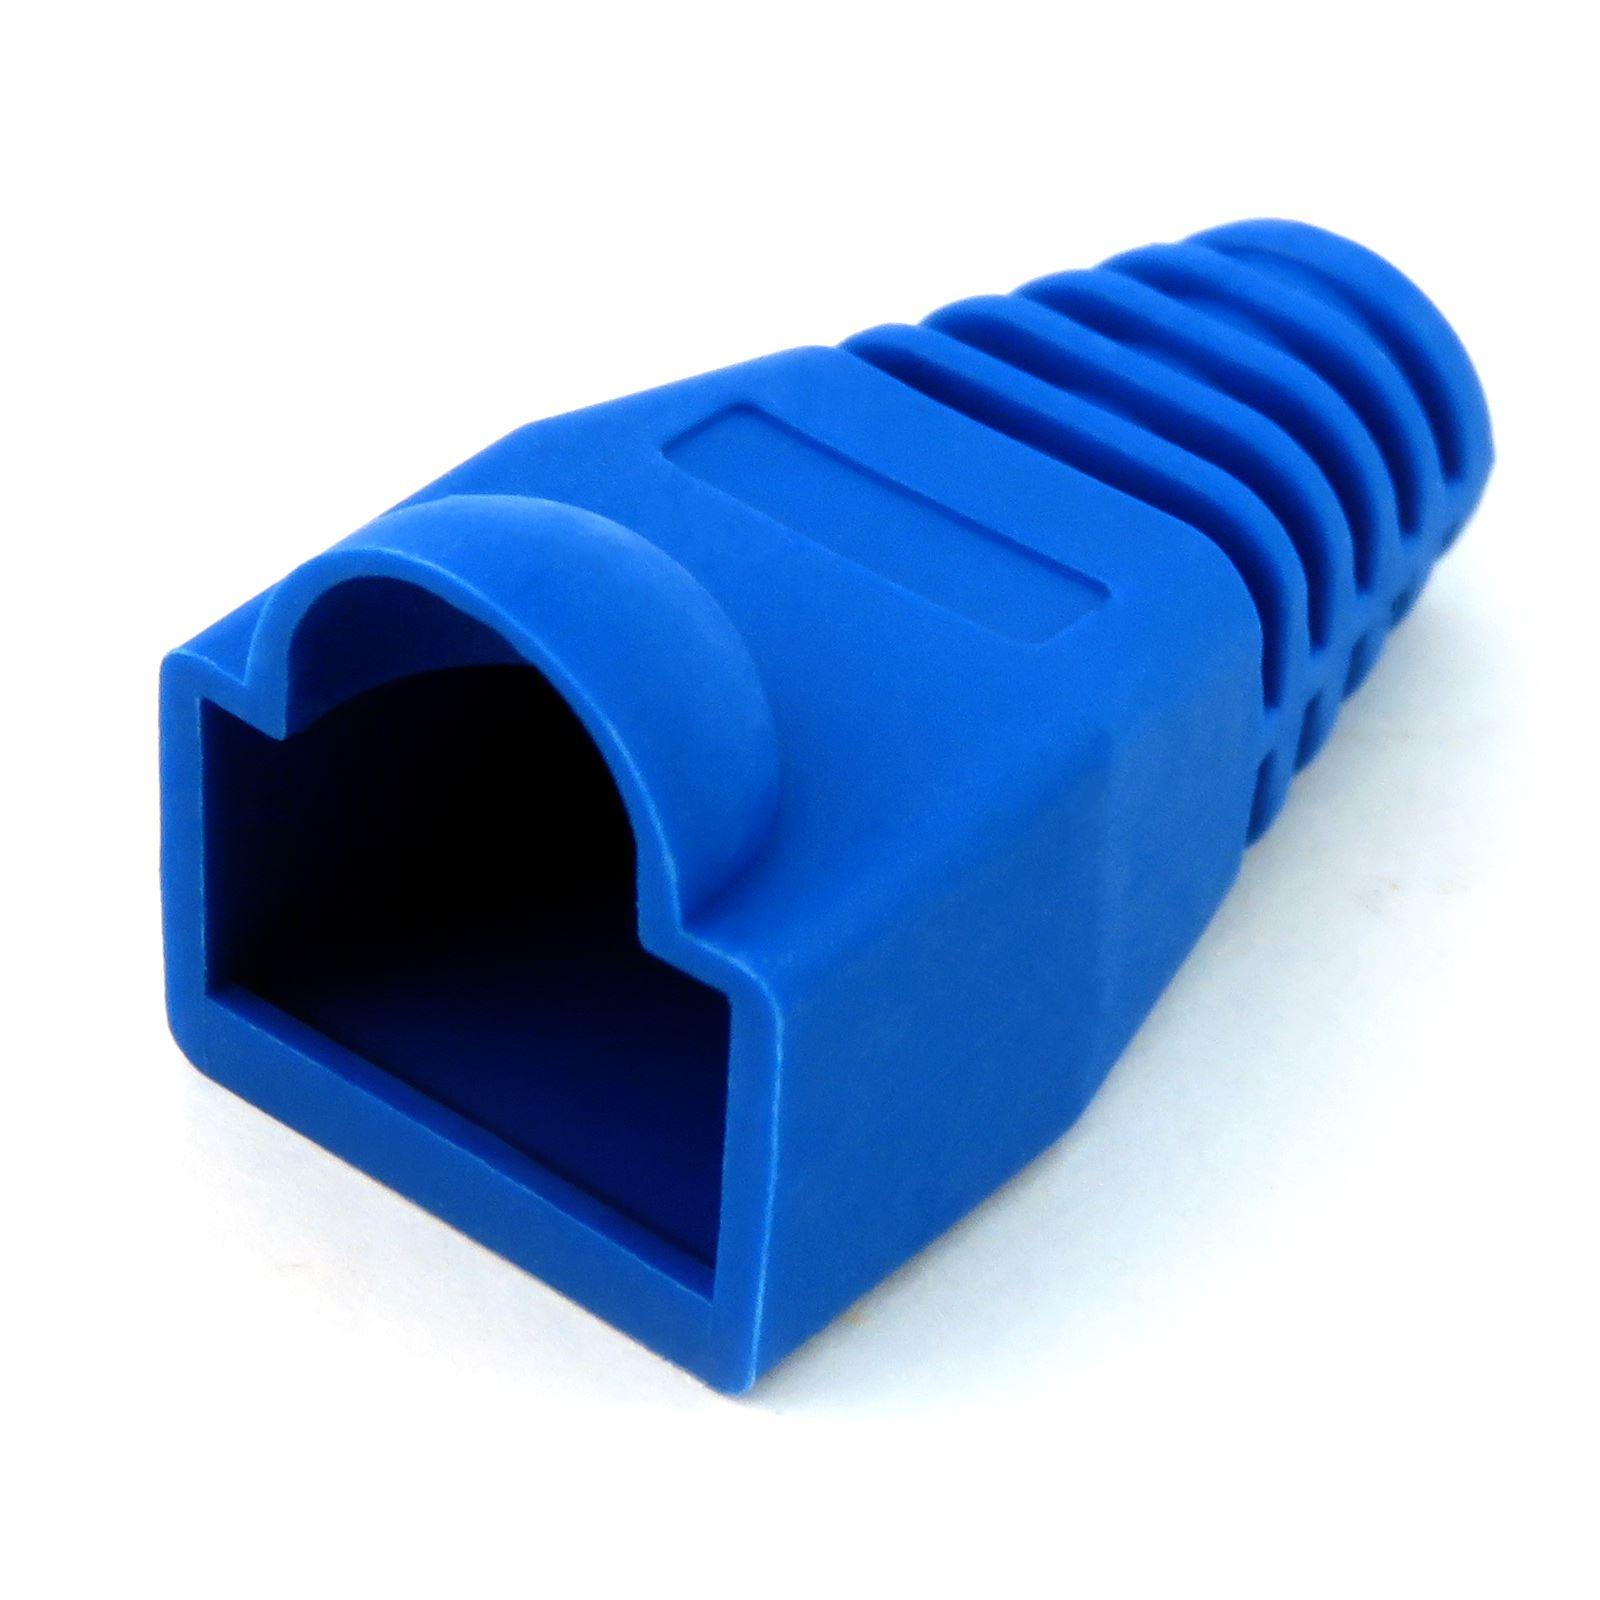 blau rj45 cat5e cat6e lan netzwerk ethernet kabel anschluss knickschutz boot ebay. Black Bedroom Furniture Sets. Home Design Ideas